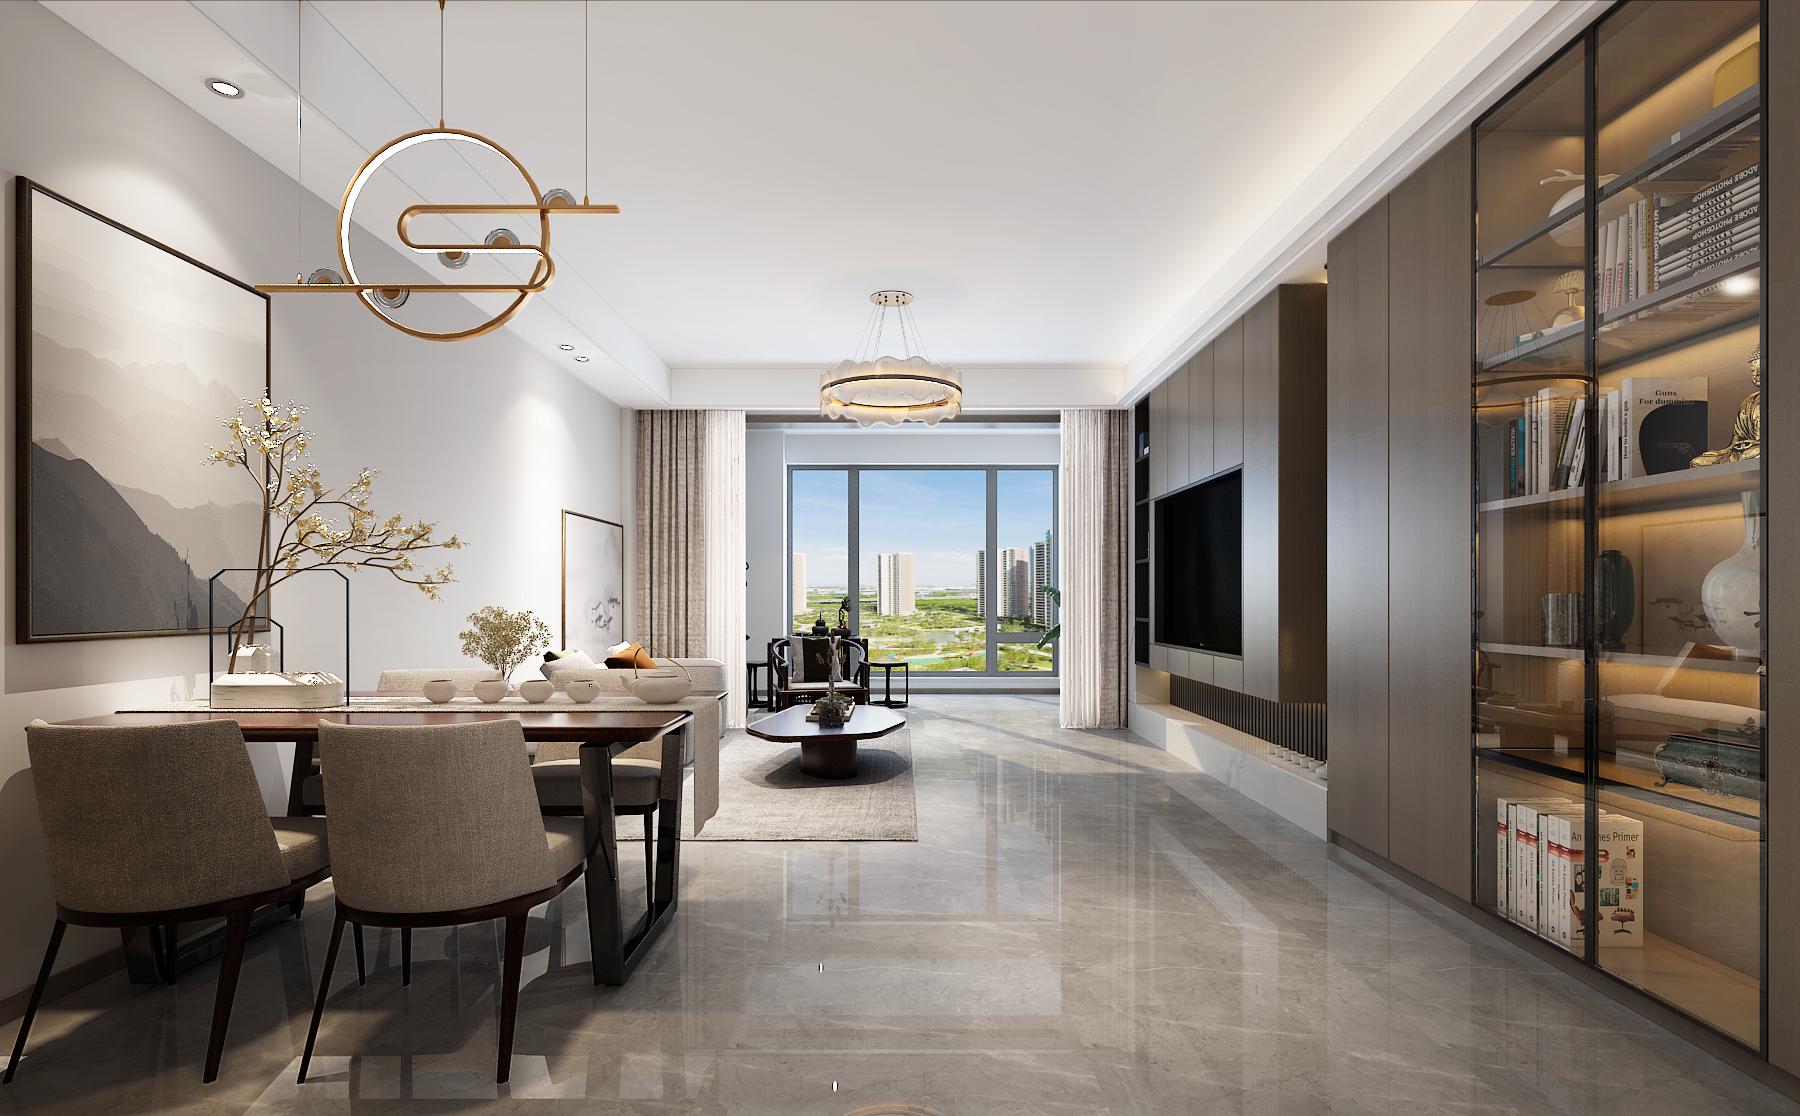 140㎡新中式风格生活空间,收纳功能太强大了,新家可以照着装